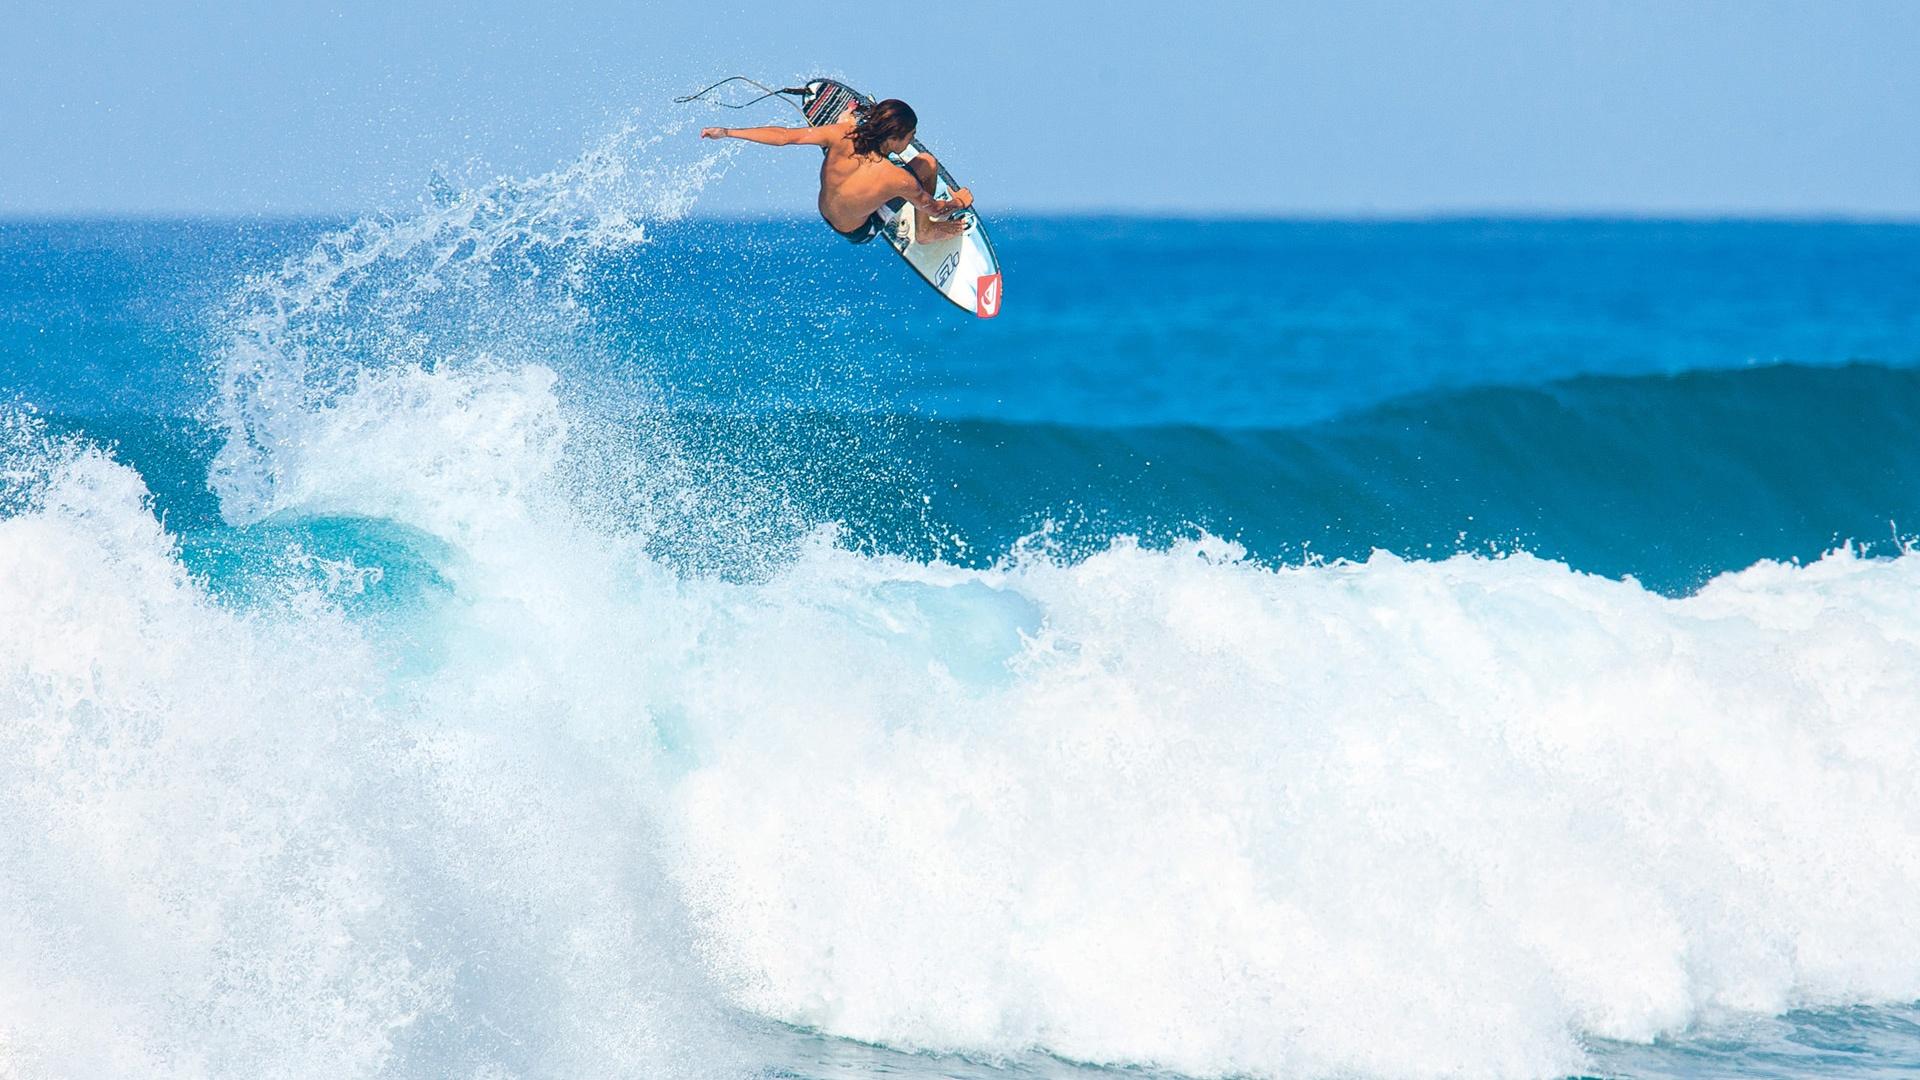 Surfer Girl Wallpaper 1440x900 Heat Wallpaper 1280x1024 73303